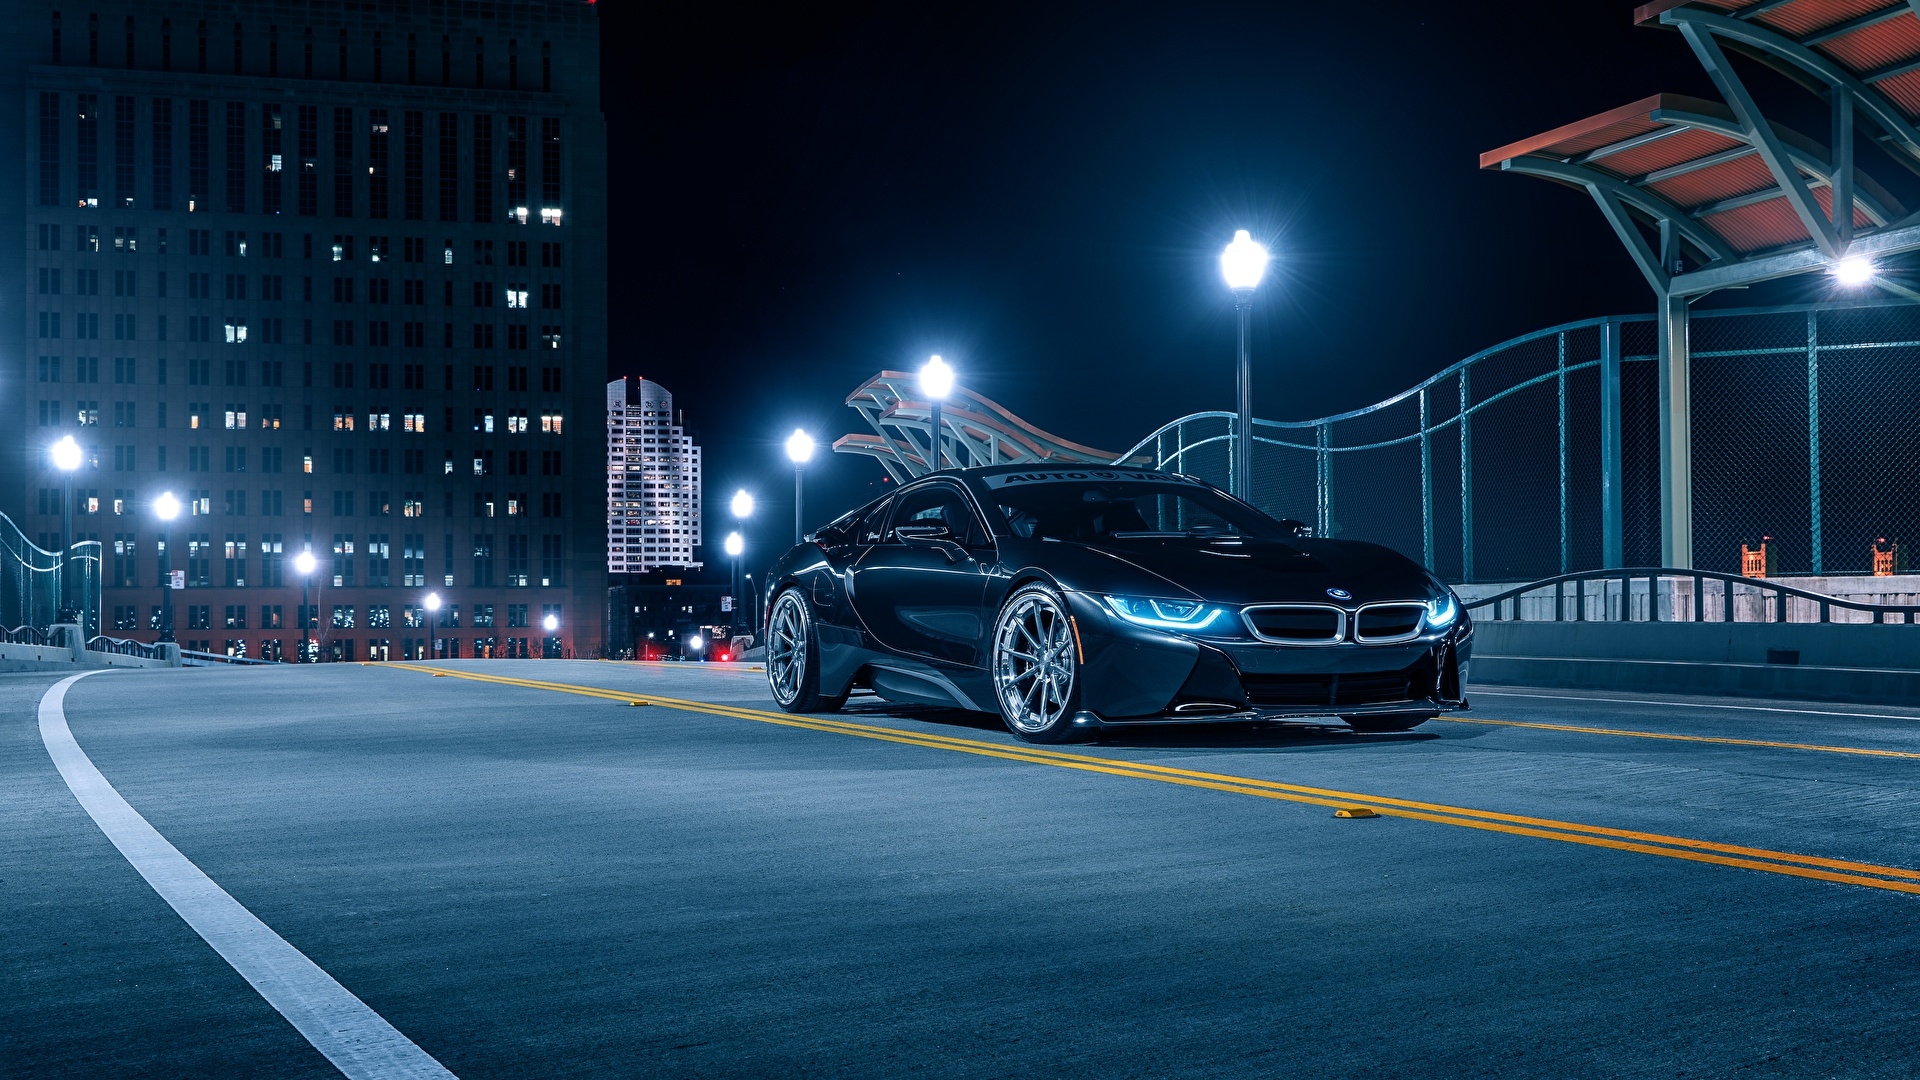 Обои для рабочего стола BMW Aristo, i8 черная Ночь авто 1920x1080 БМВ Черный черные черных ночью в ночи Ночные машины машина Автомобили автомобиль